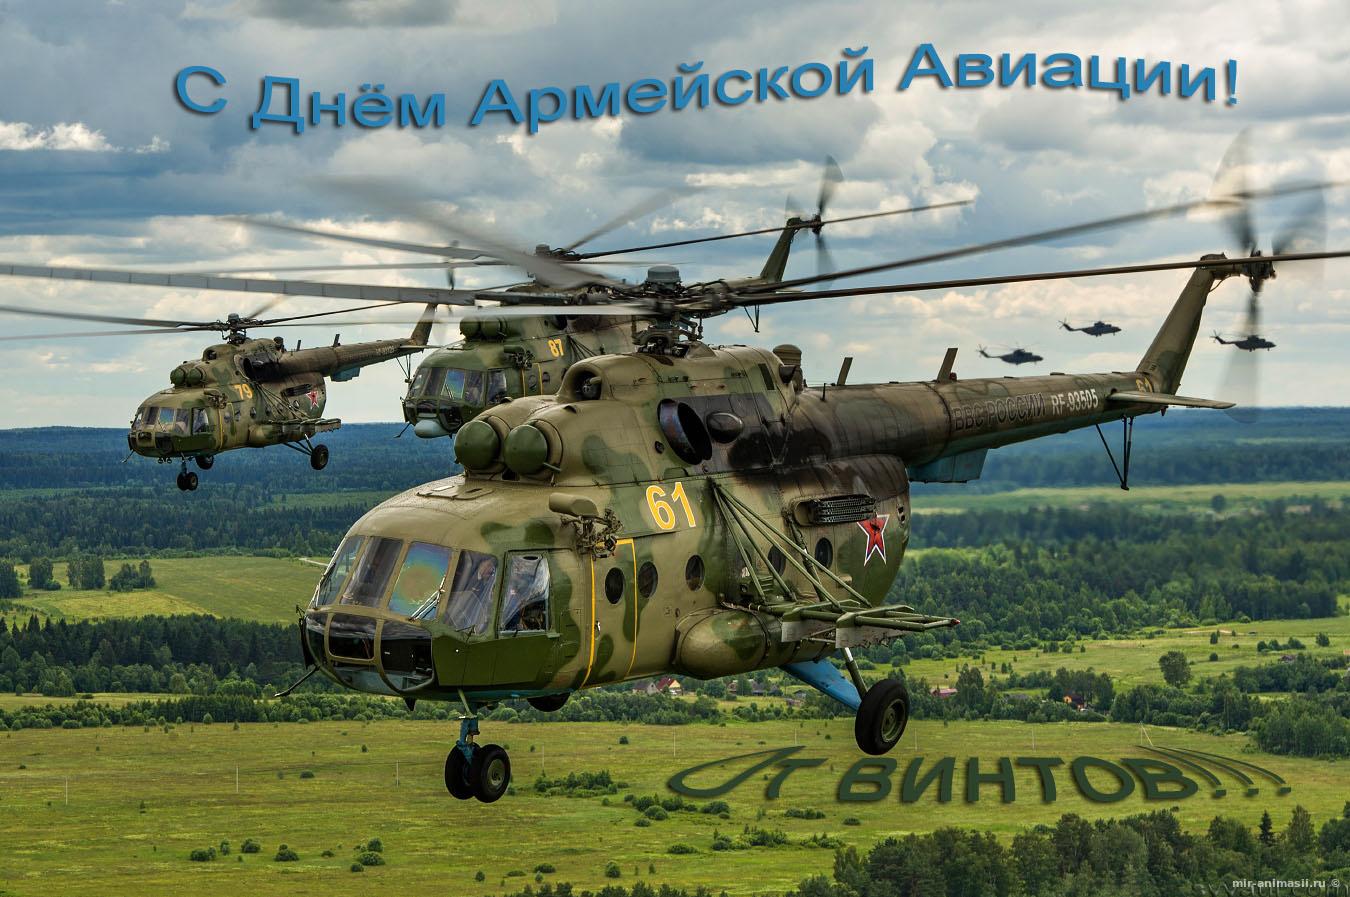 День армейской авиации России - 28 октября